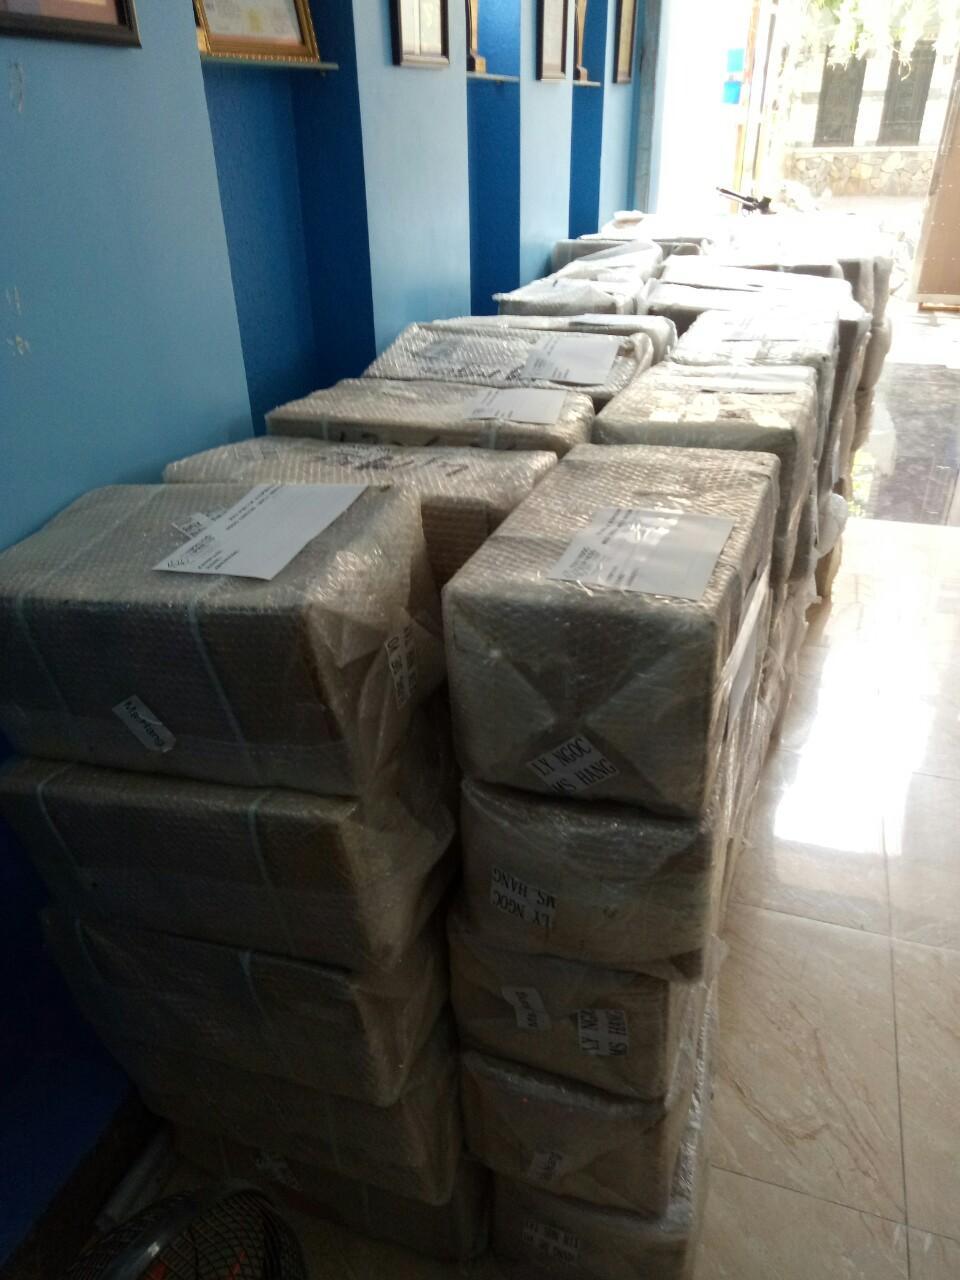 Gửi hàng đi Mỹ tại Nha Trang bao nhiêu 1kg